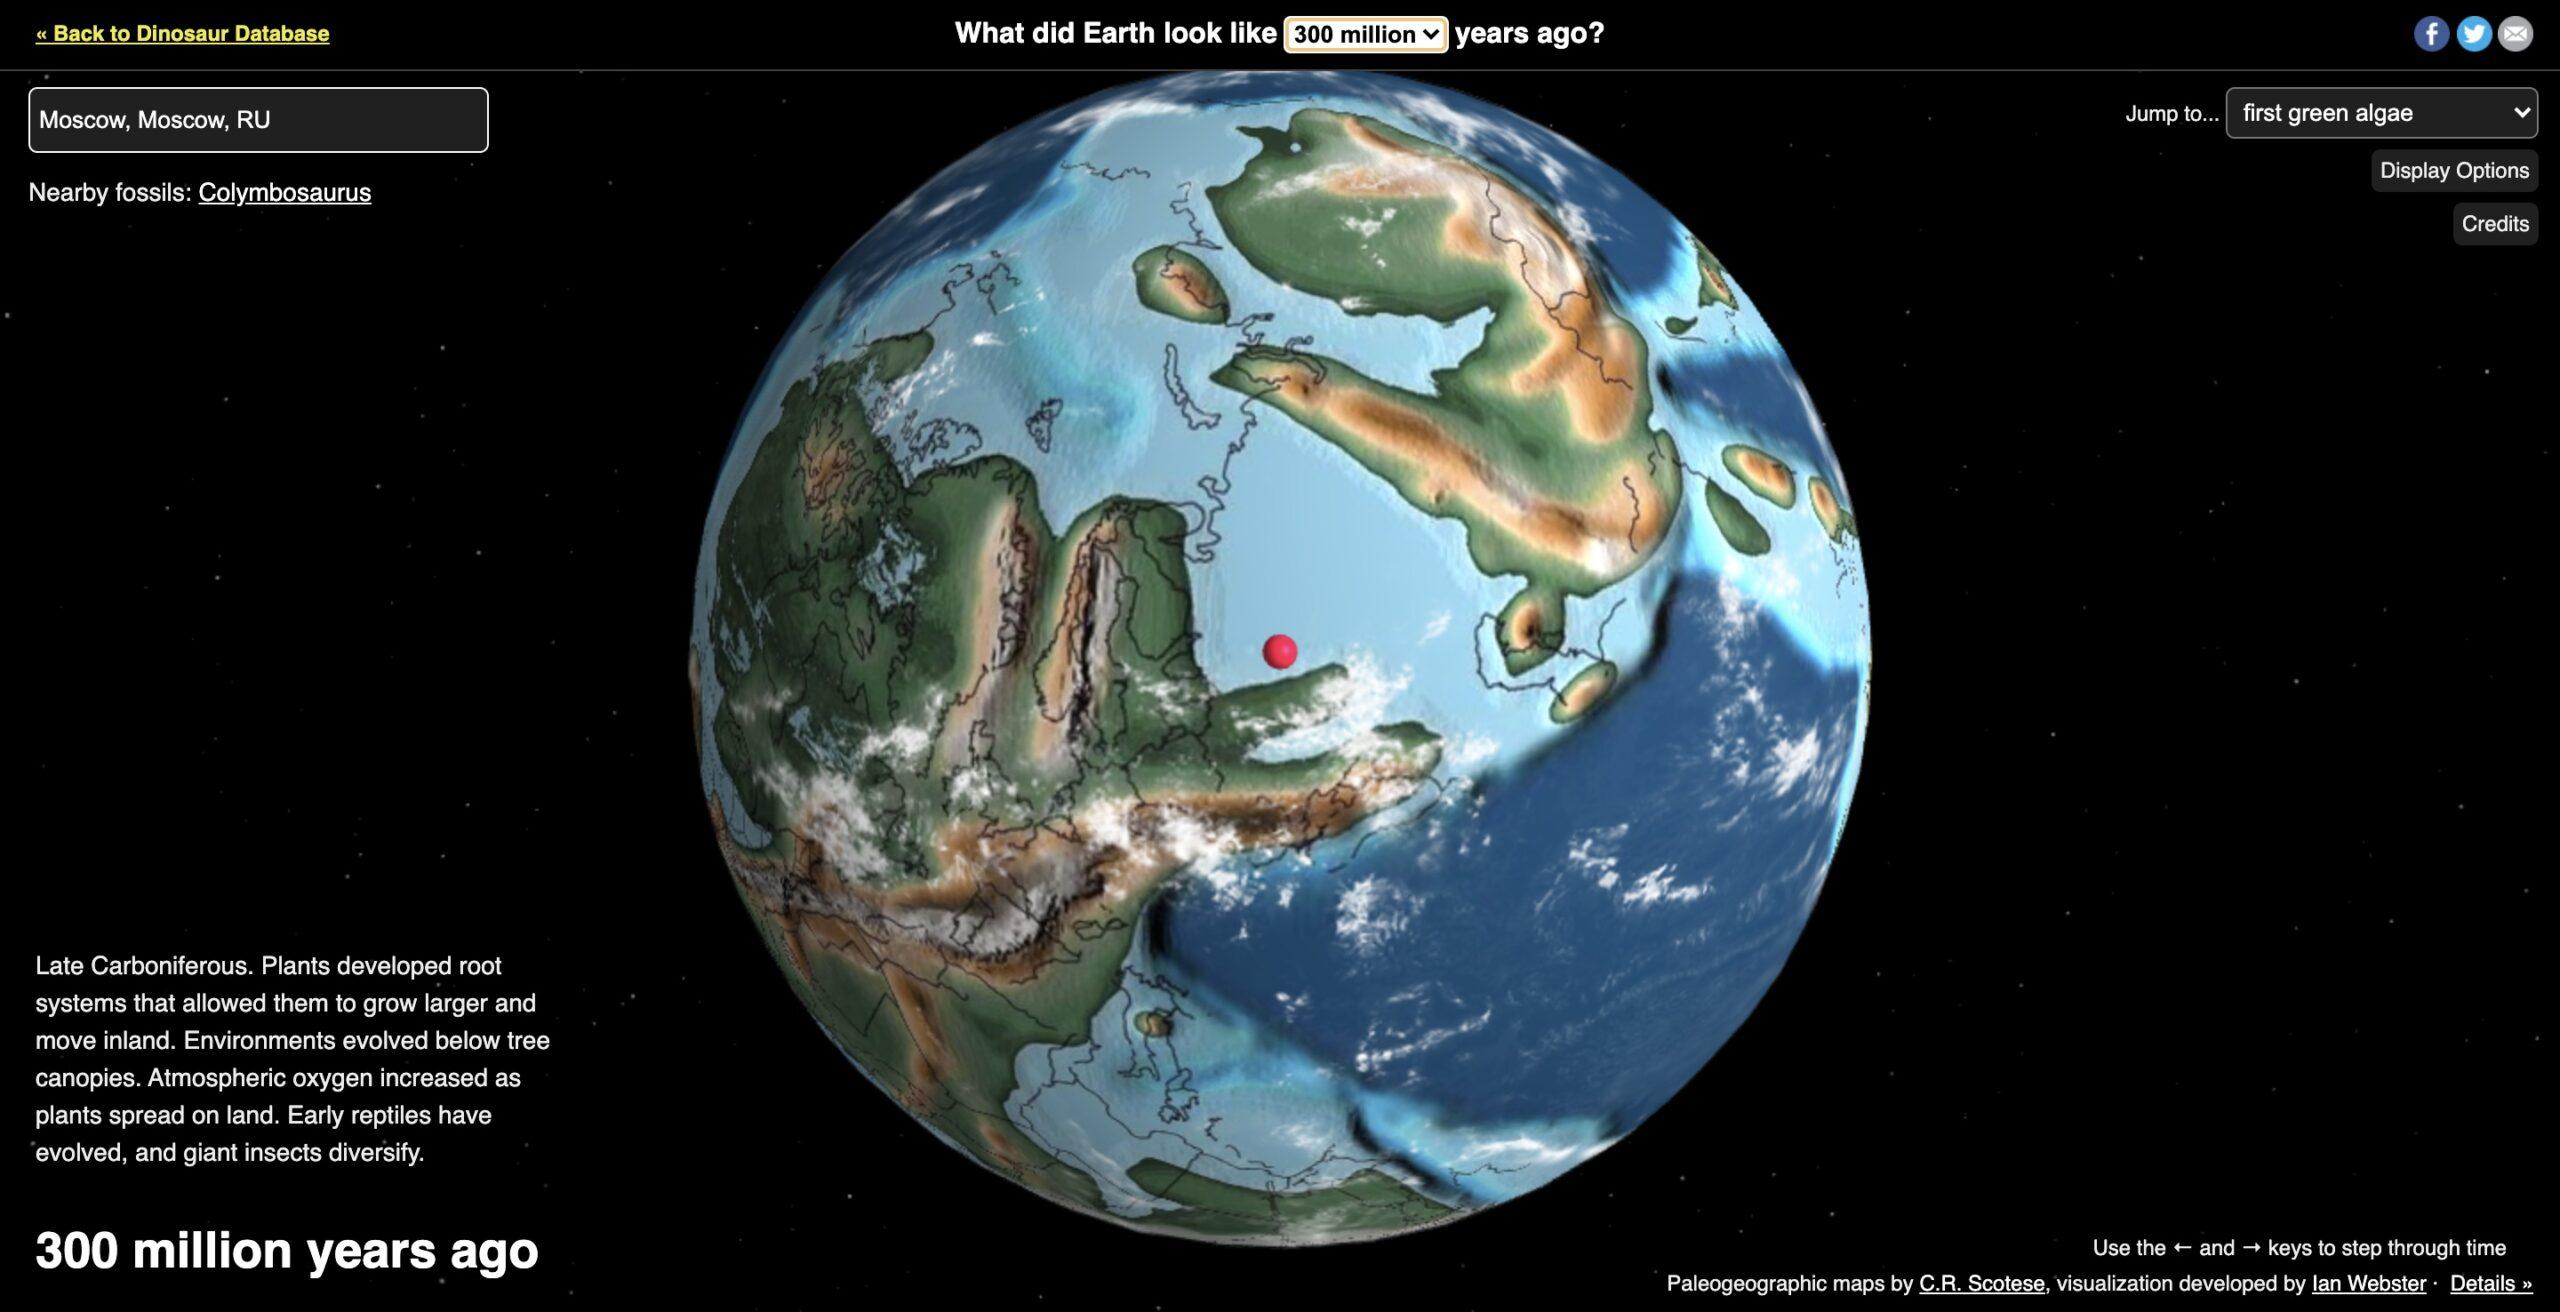 Москва на Земле 300 миллионов лет назад